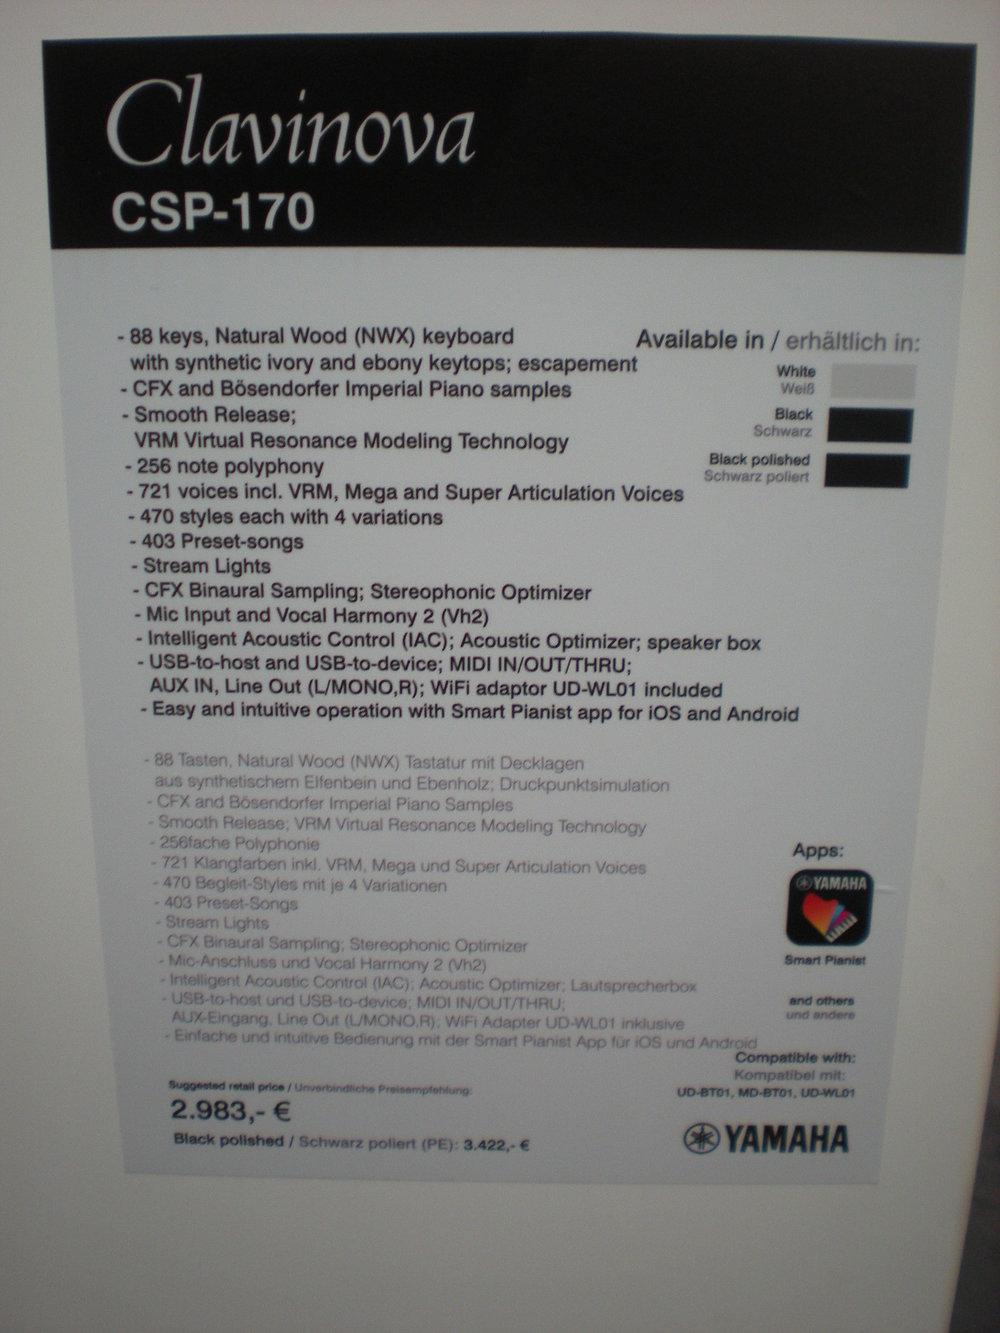 Yamaha CSP-170 specyfikacje